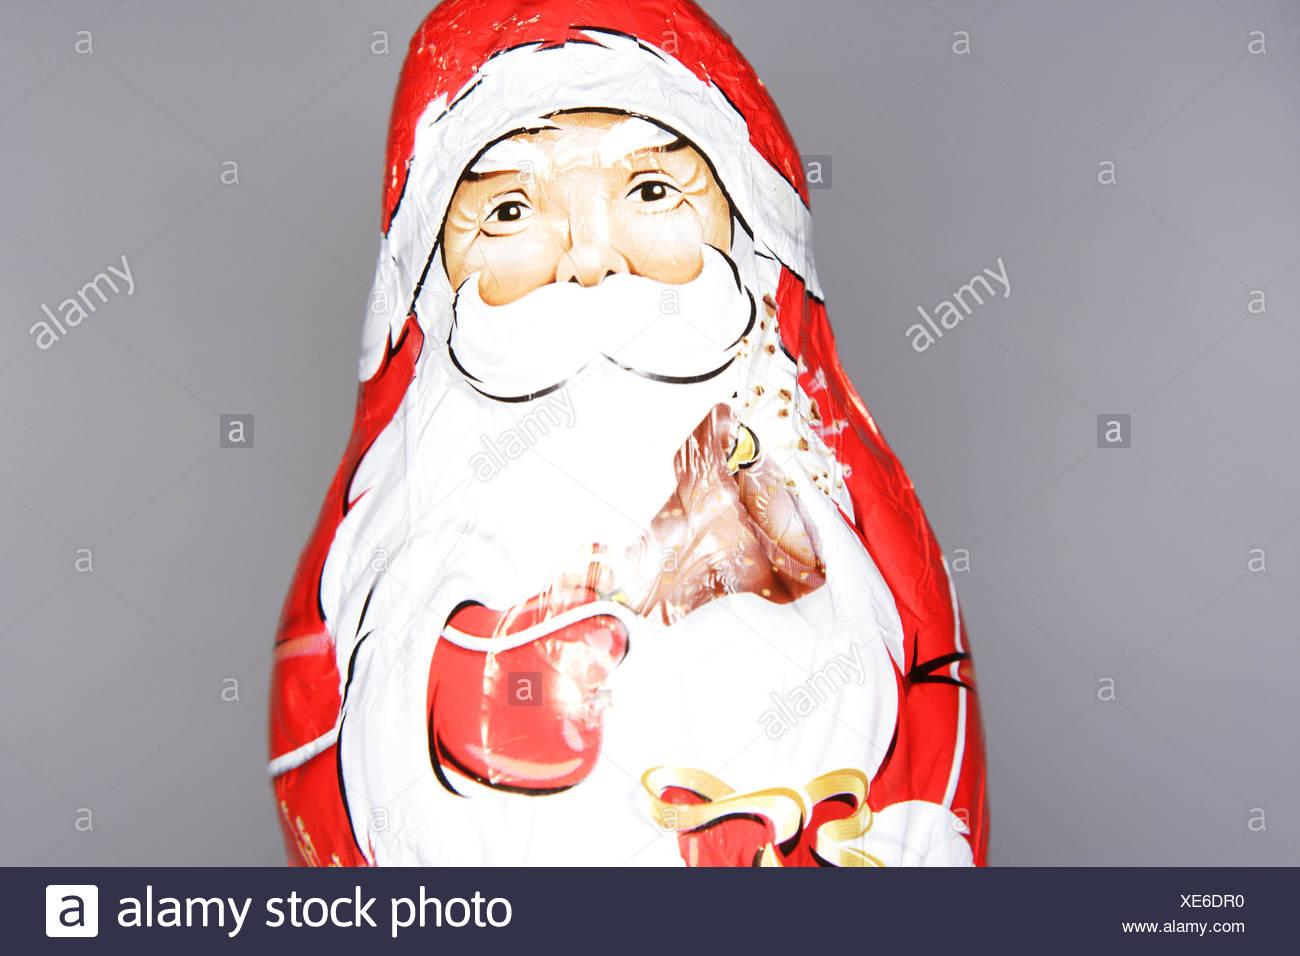 Artikel Weihnachten.Schokoladen Nikolaus Detail Schokolade Schokolade Weihnachtsmann